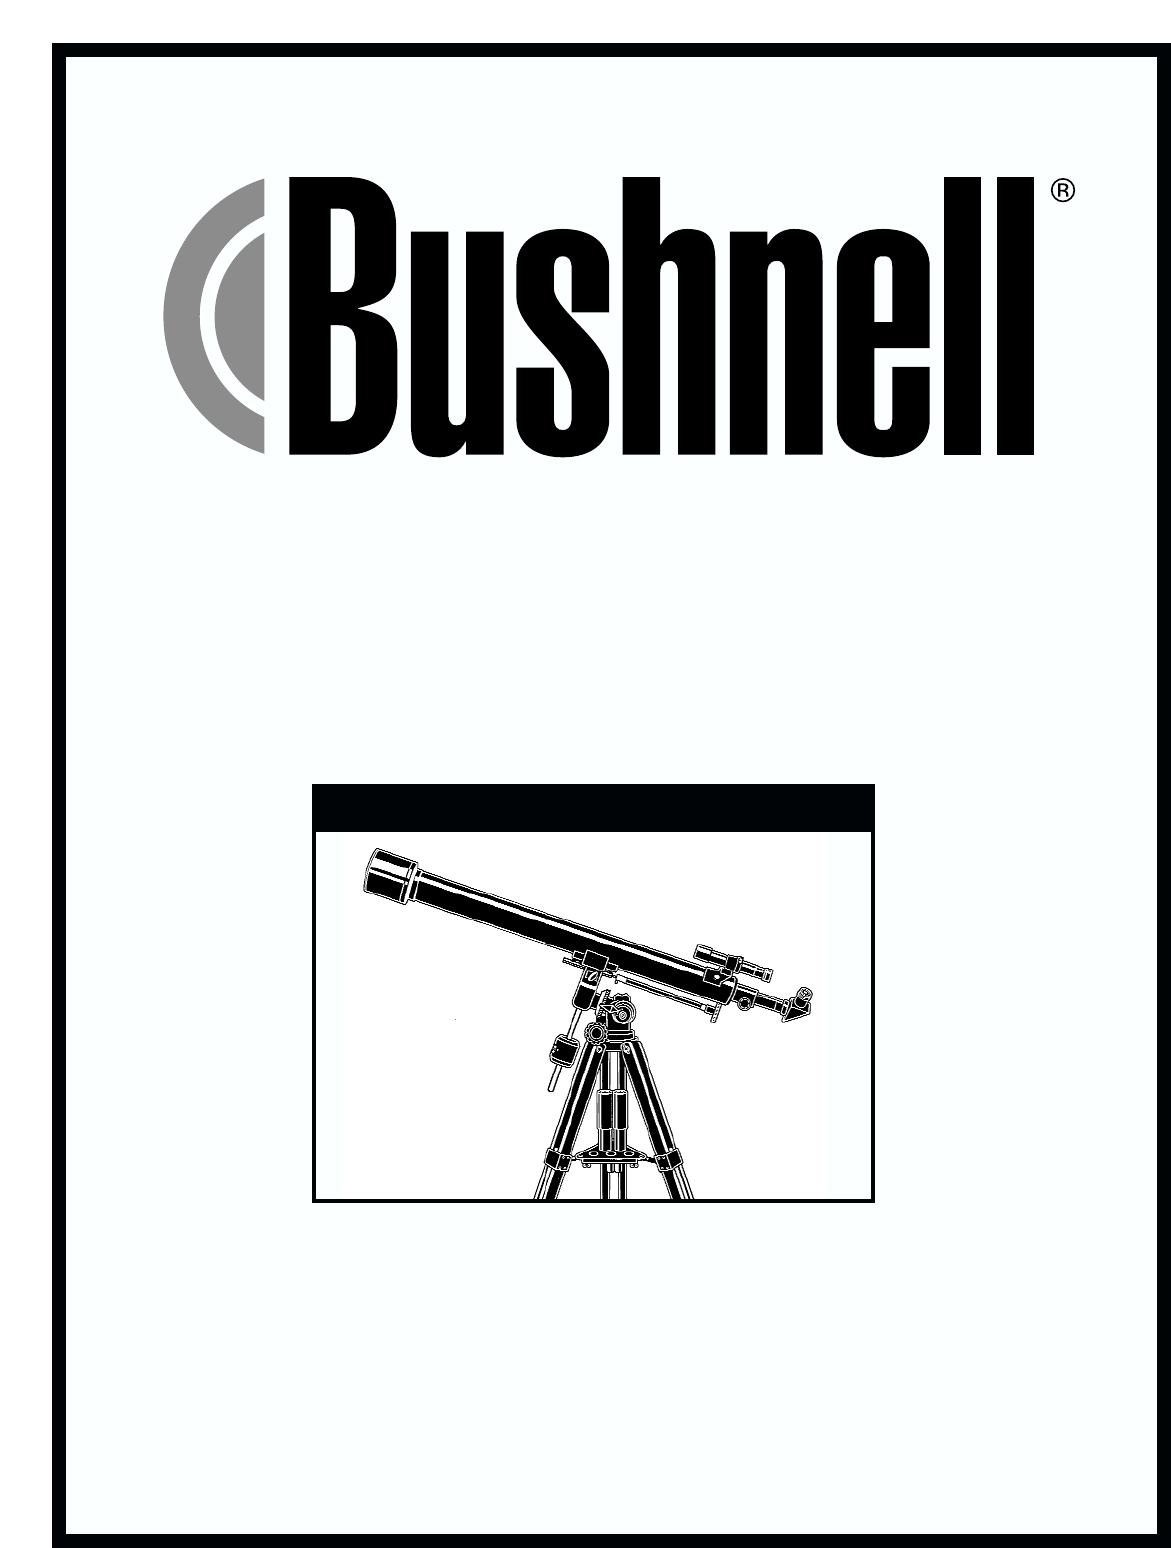 Bushnell Telescope 78 User Guide